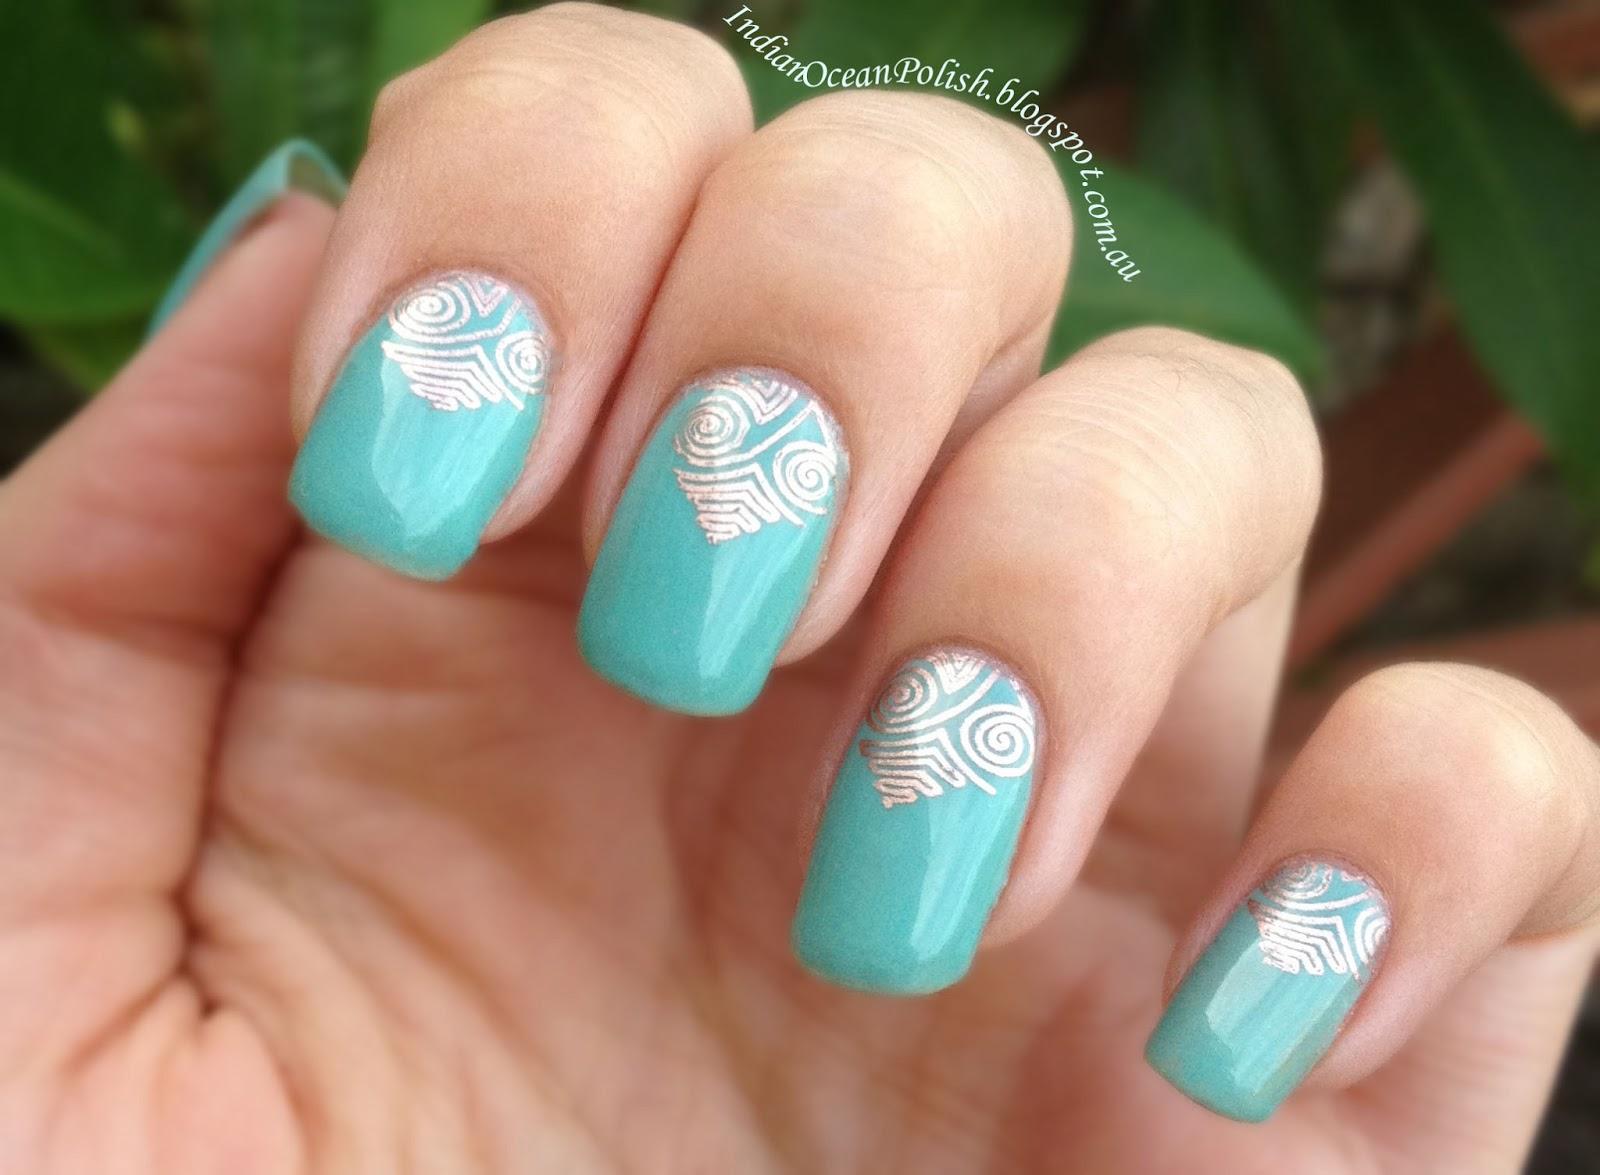 Ocean Gel Nail Designs